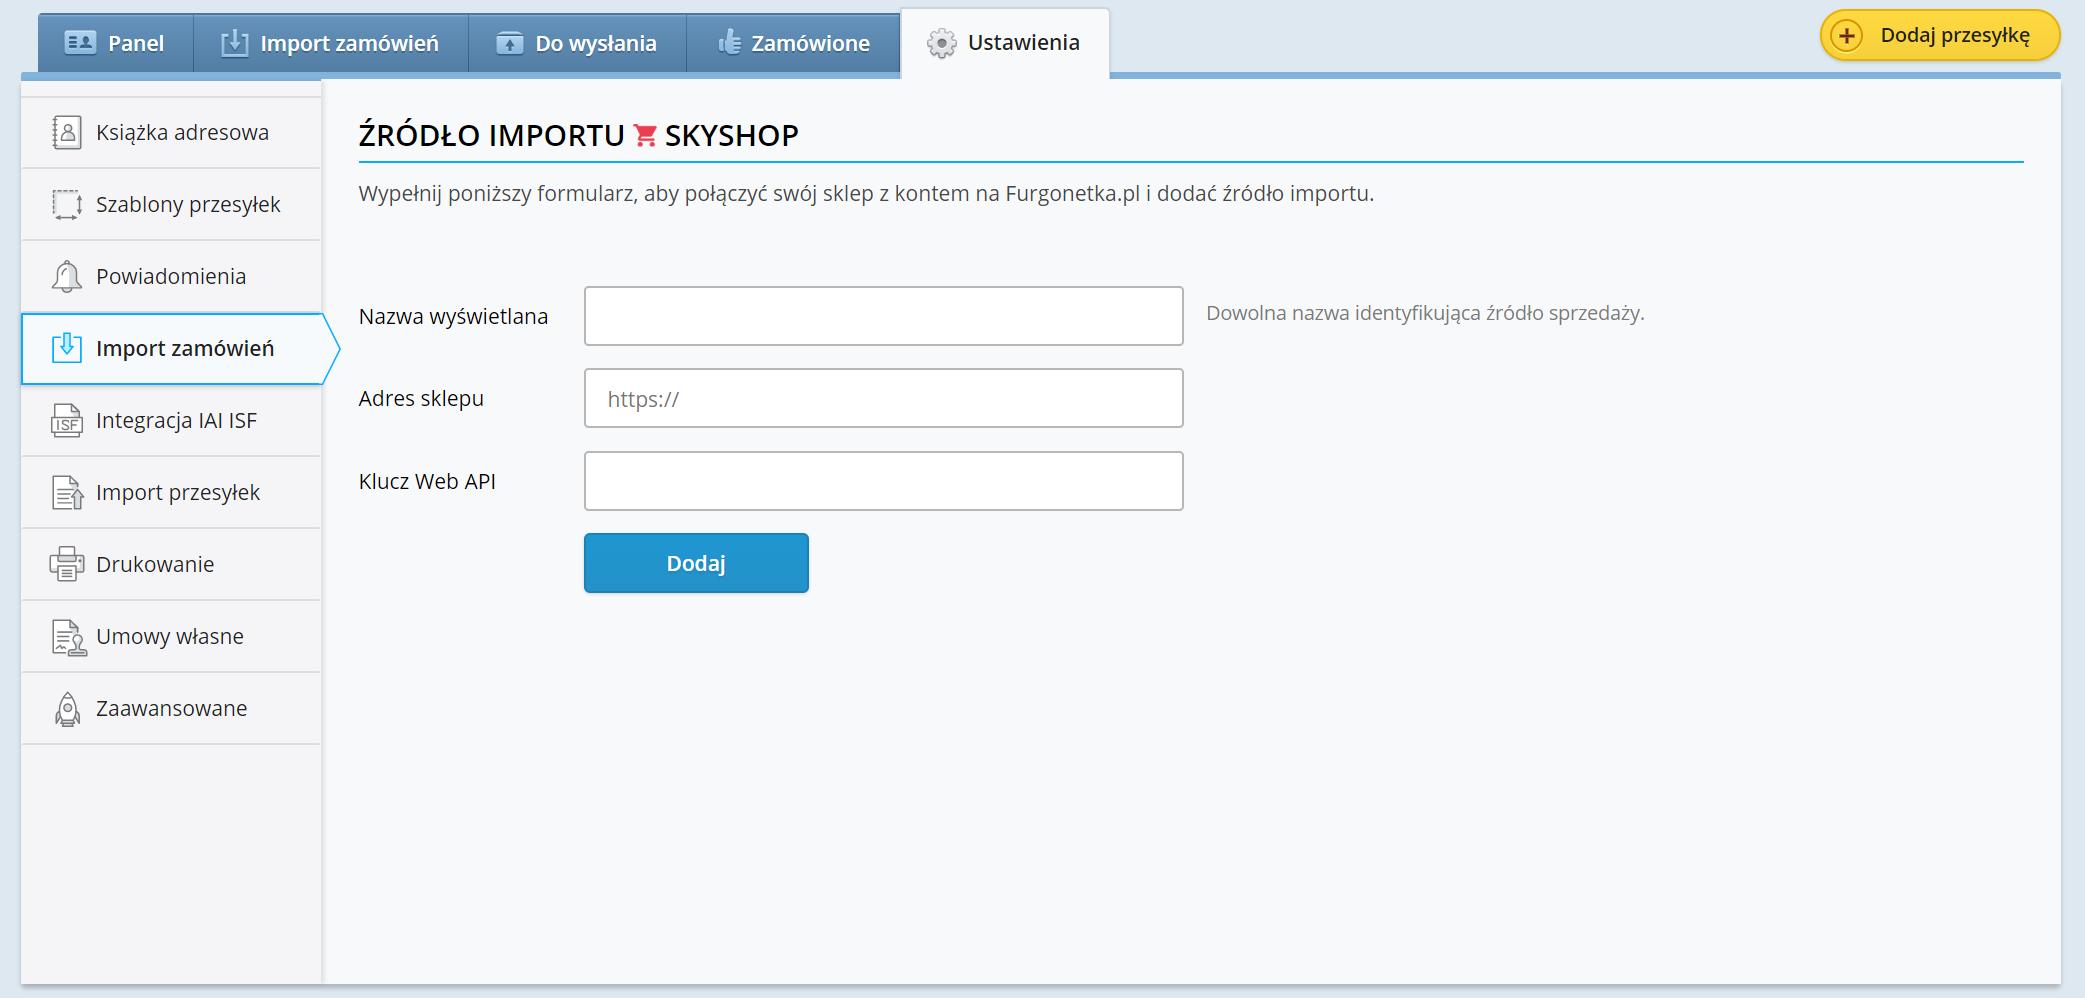 SkyShop jako nowe źródło importu na Furgonetka.pl